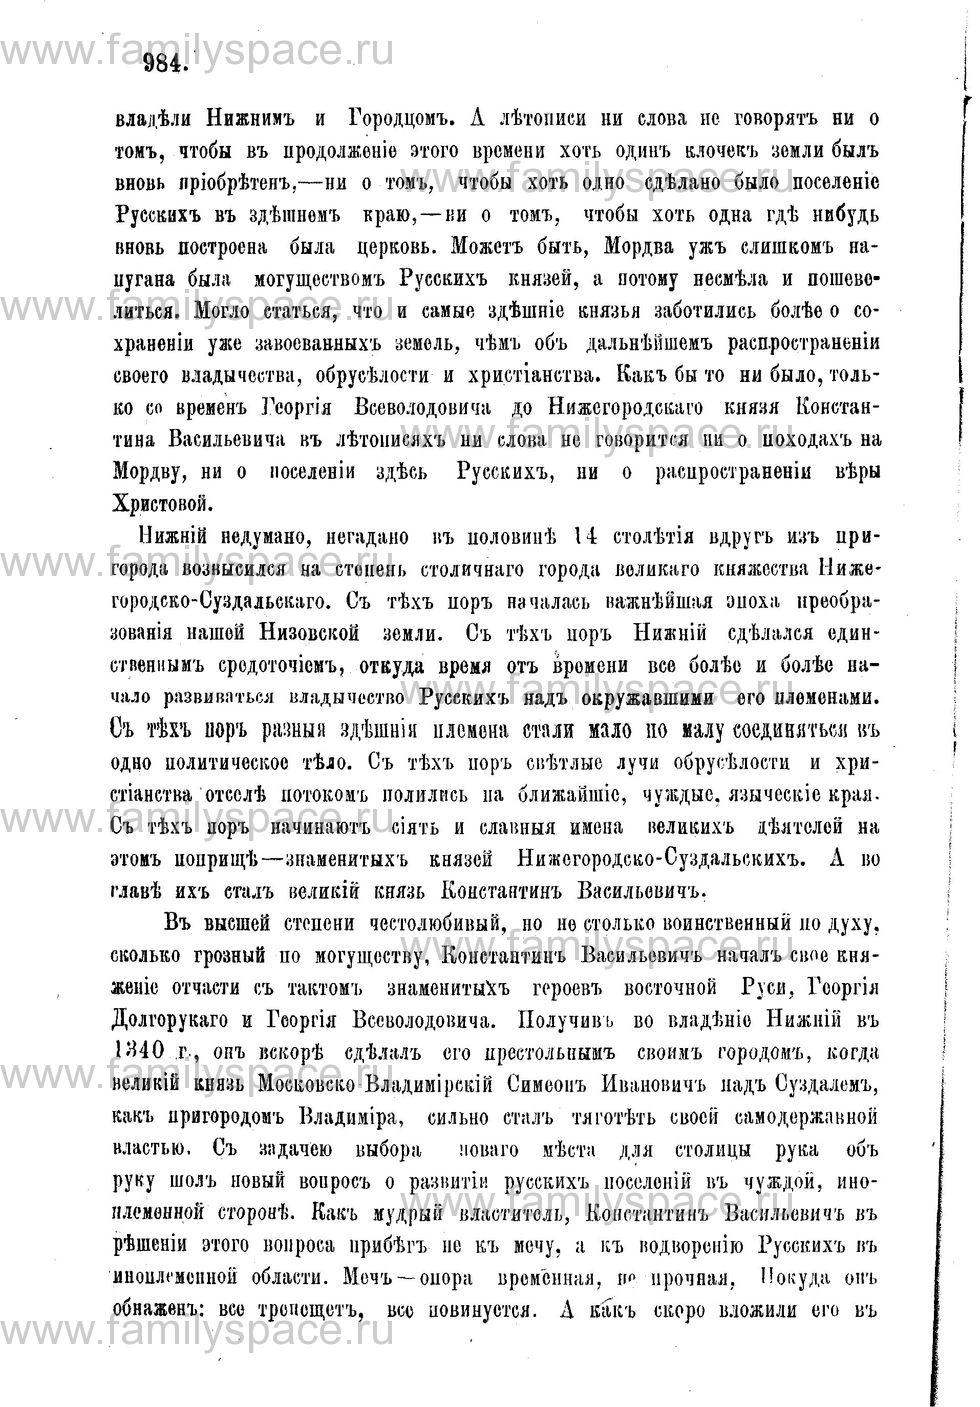 Поиск по фамилии - Адрес-календарь Нижегородской епархии на 1888 год, страница 1984